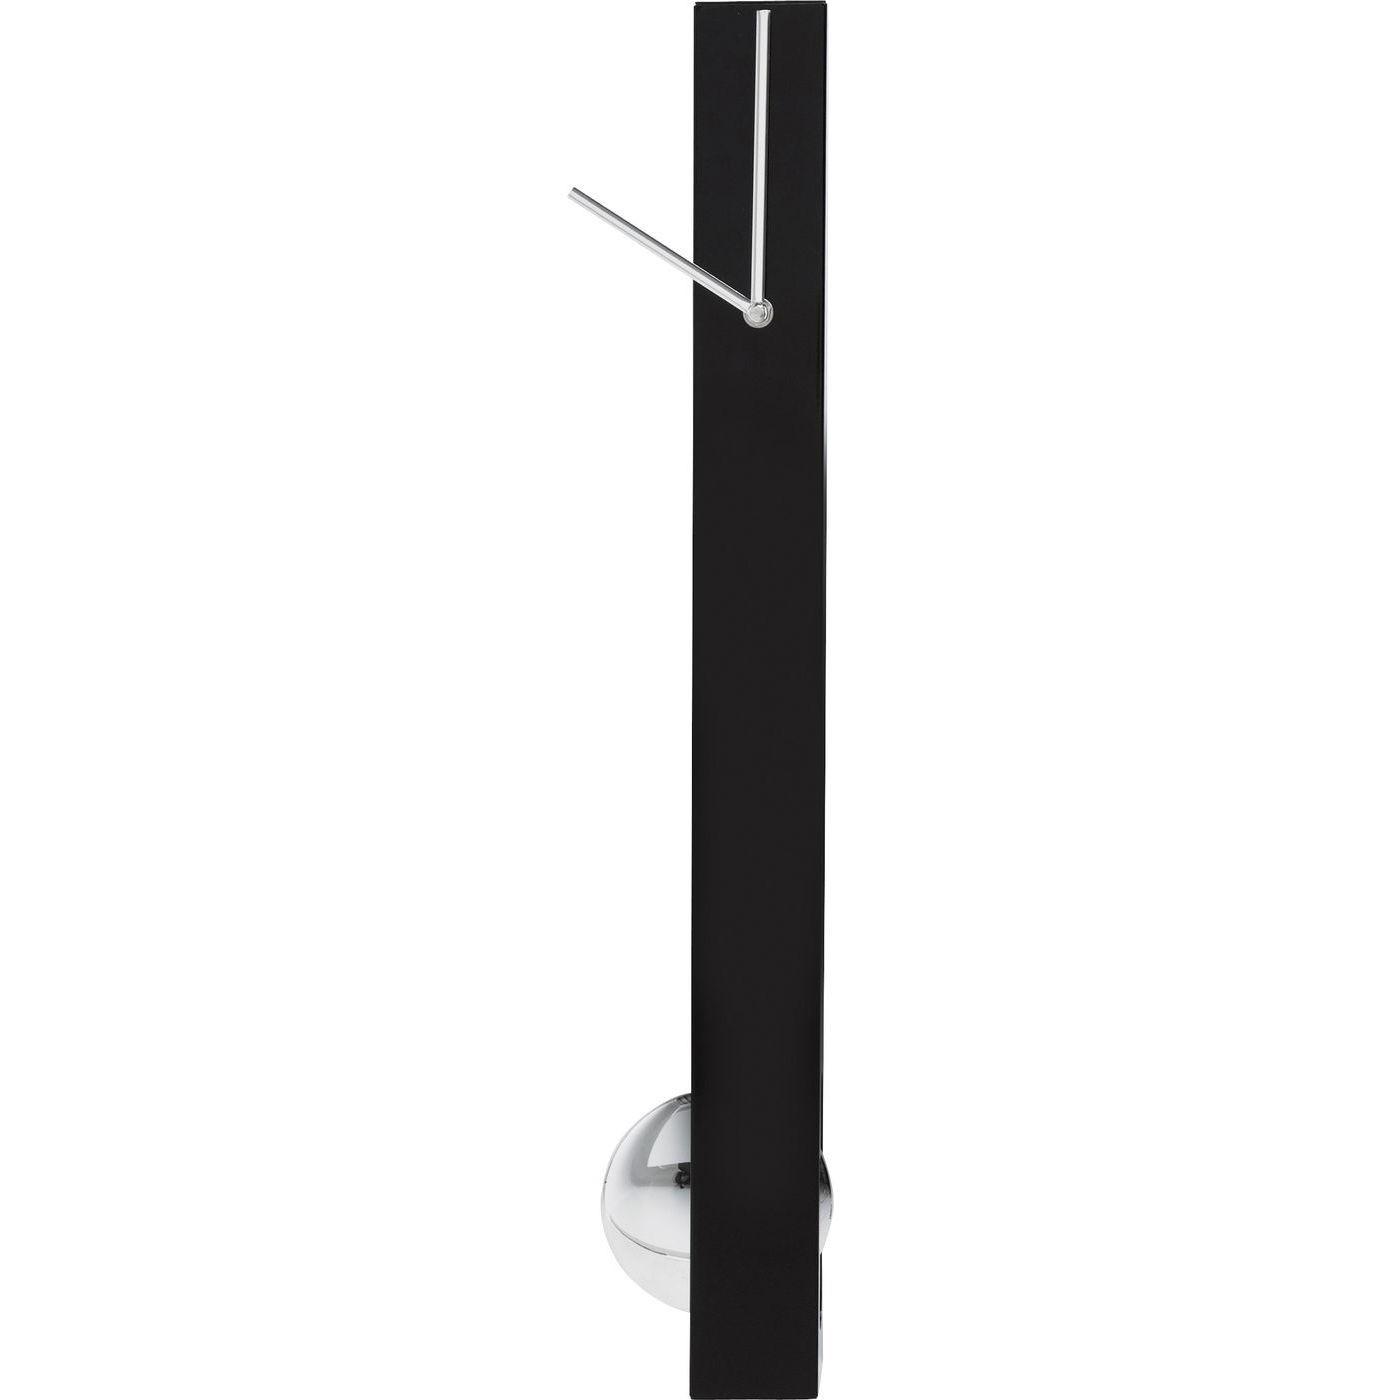 Horloge à balancier en aluminium noir